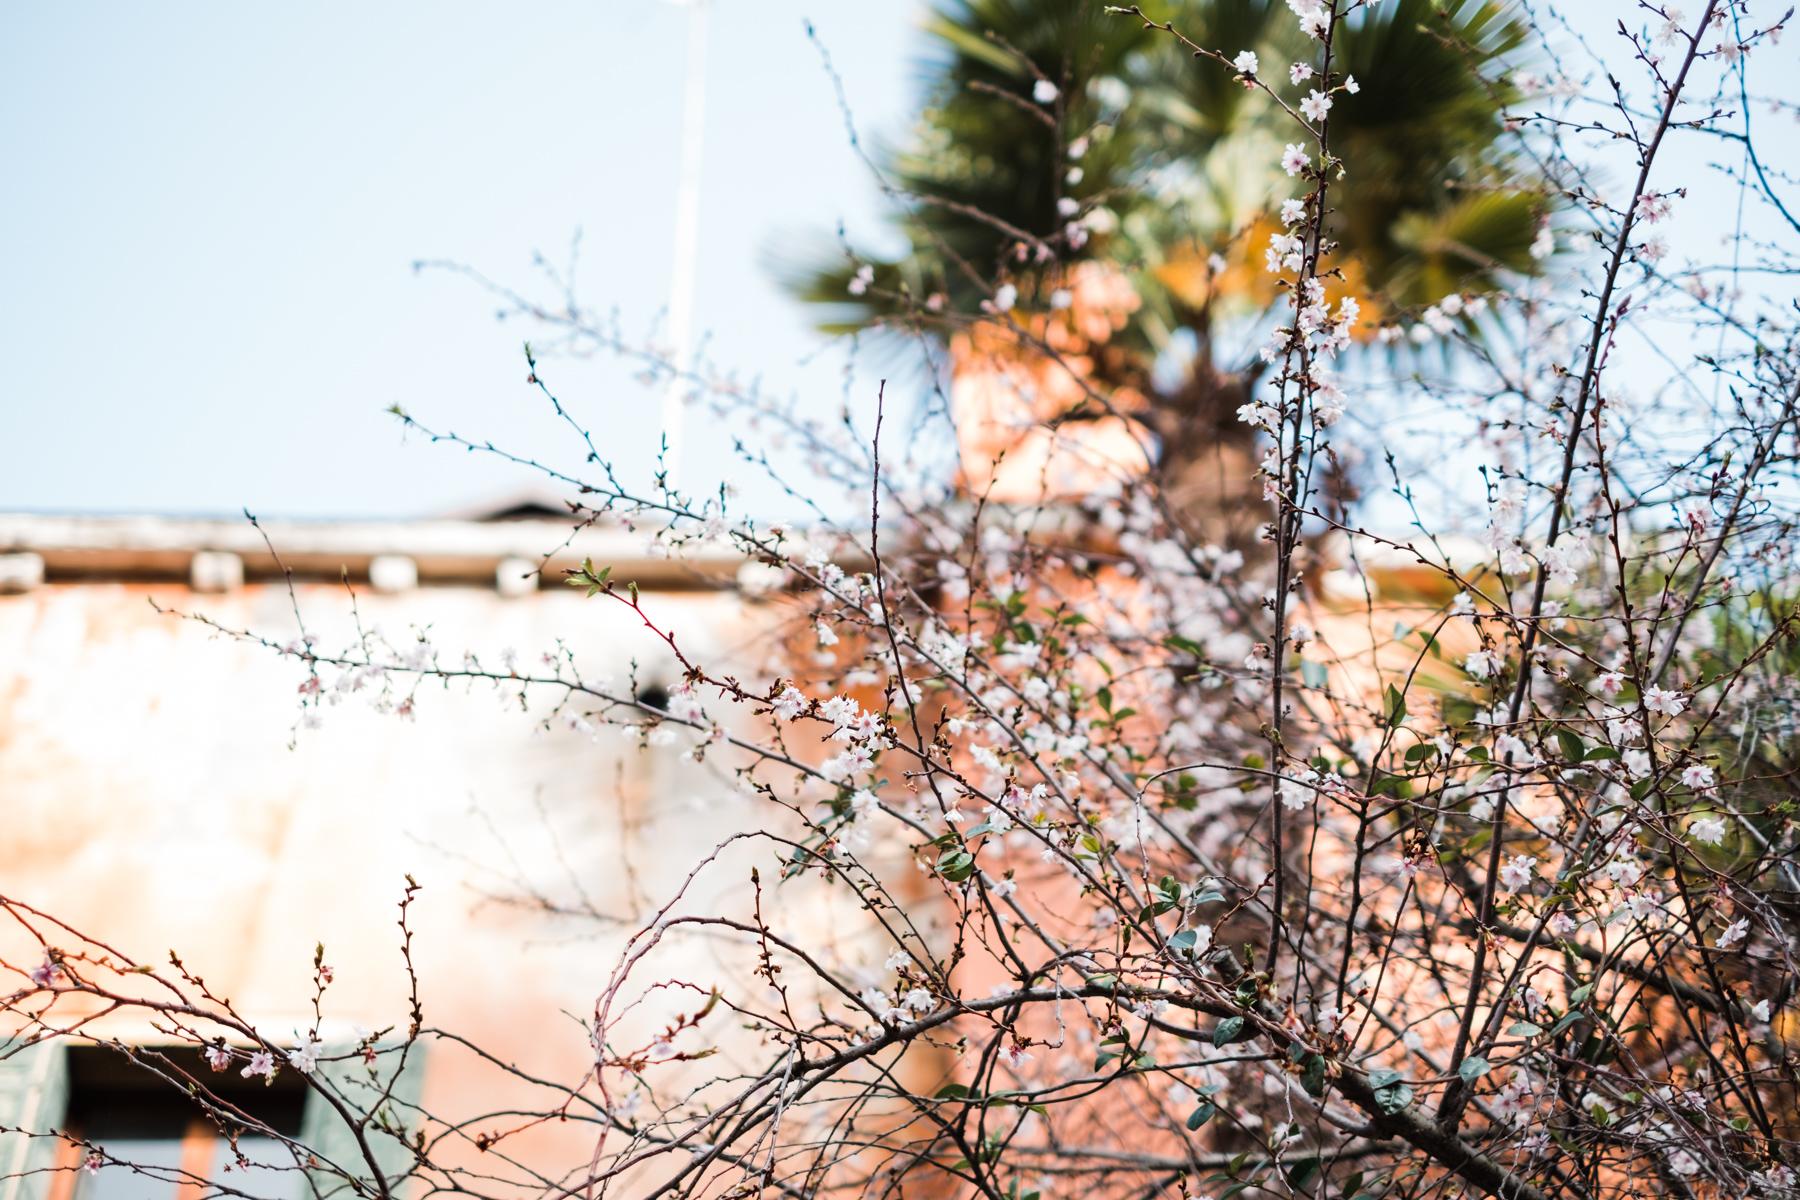 Venice_deersphotography-2